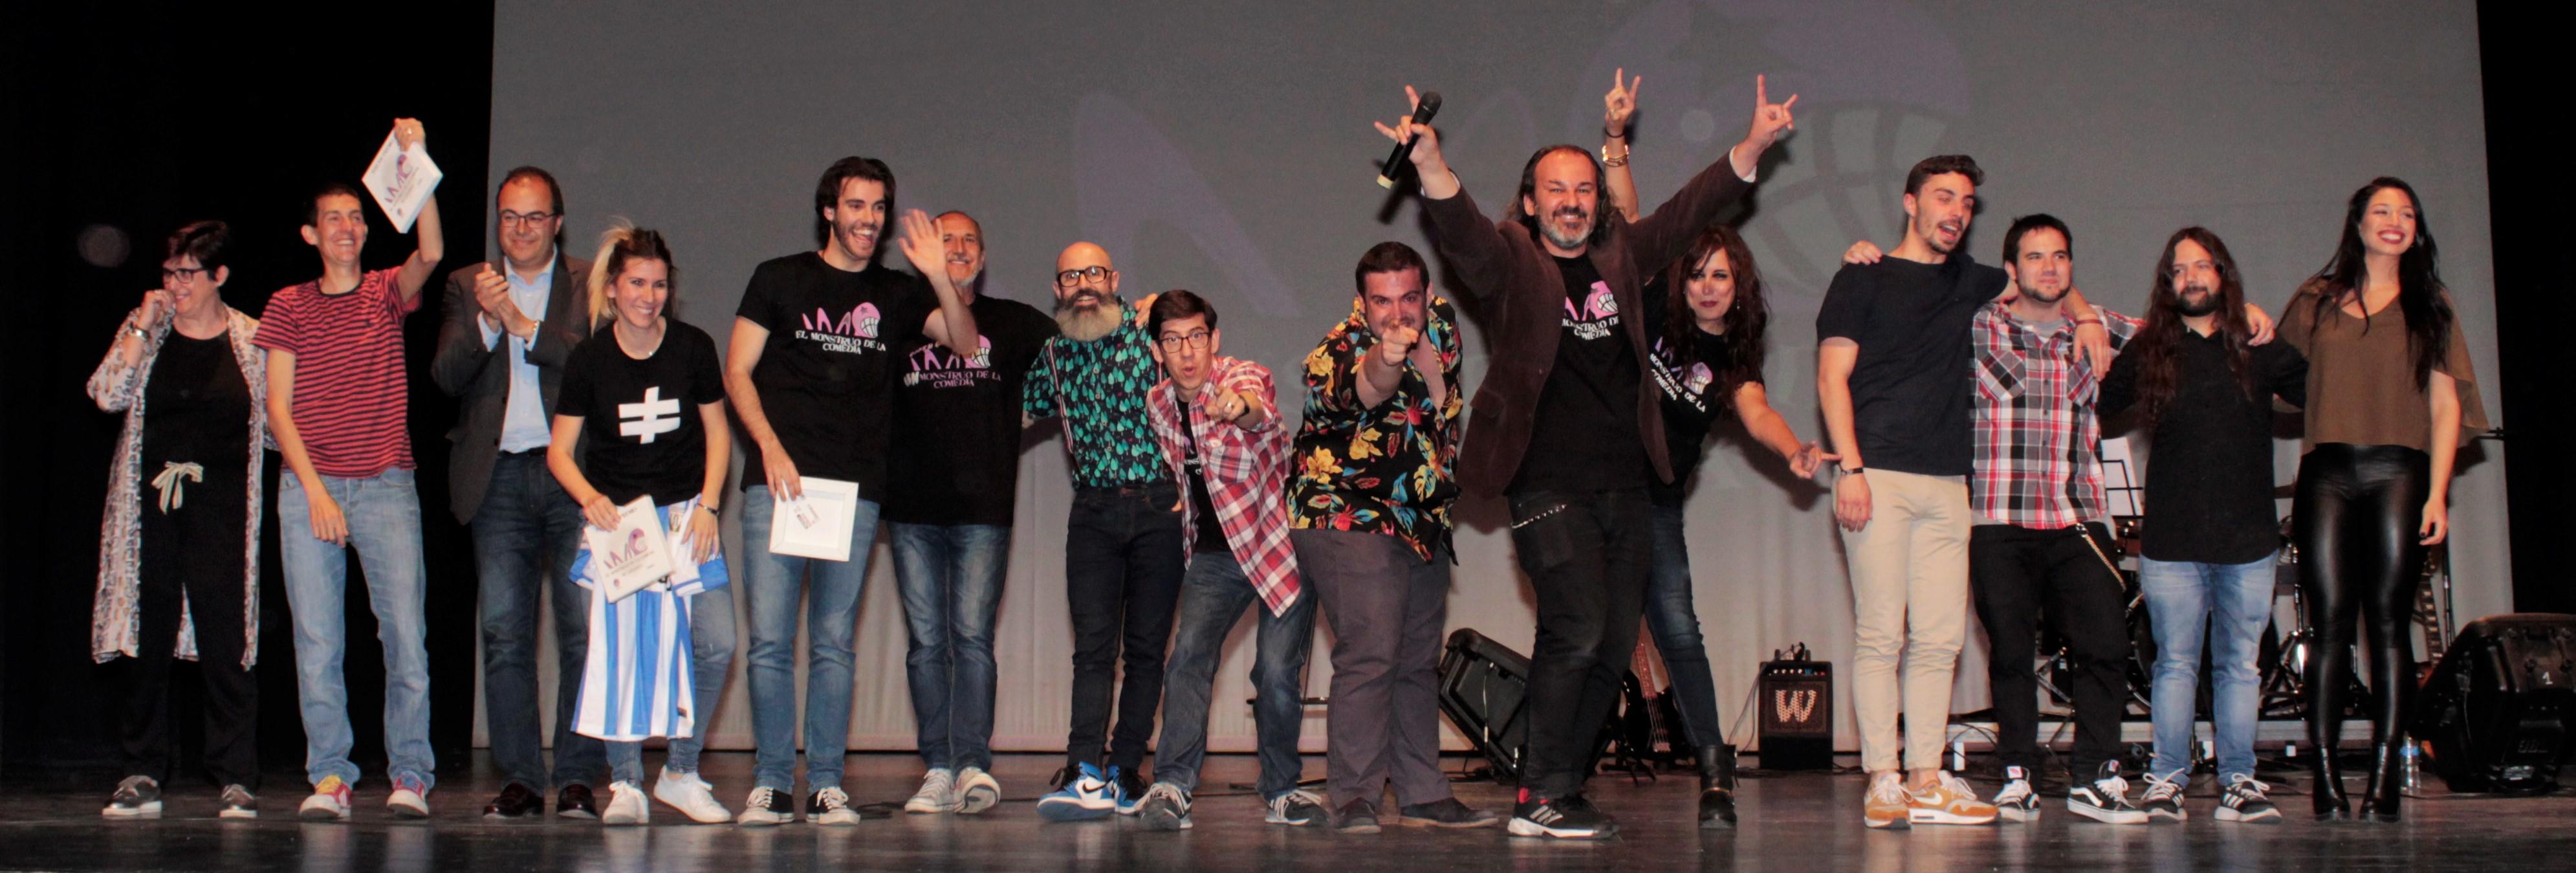 El Monstruo de la Comedia - VI - Gran Final - Foto Final